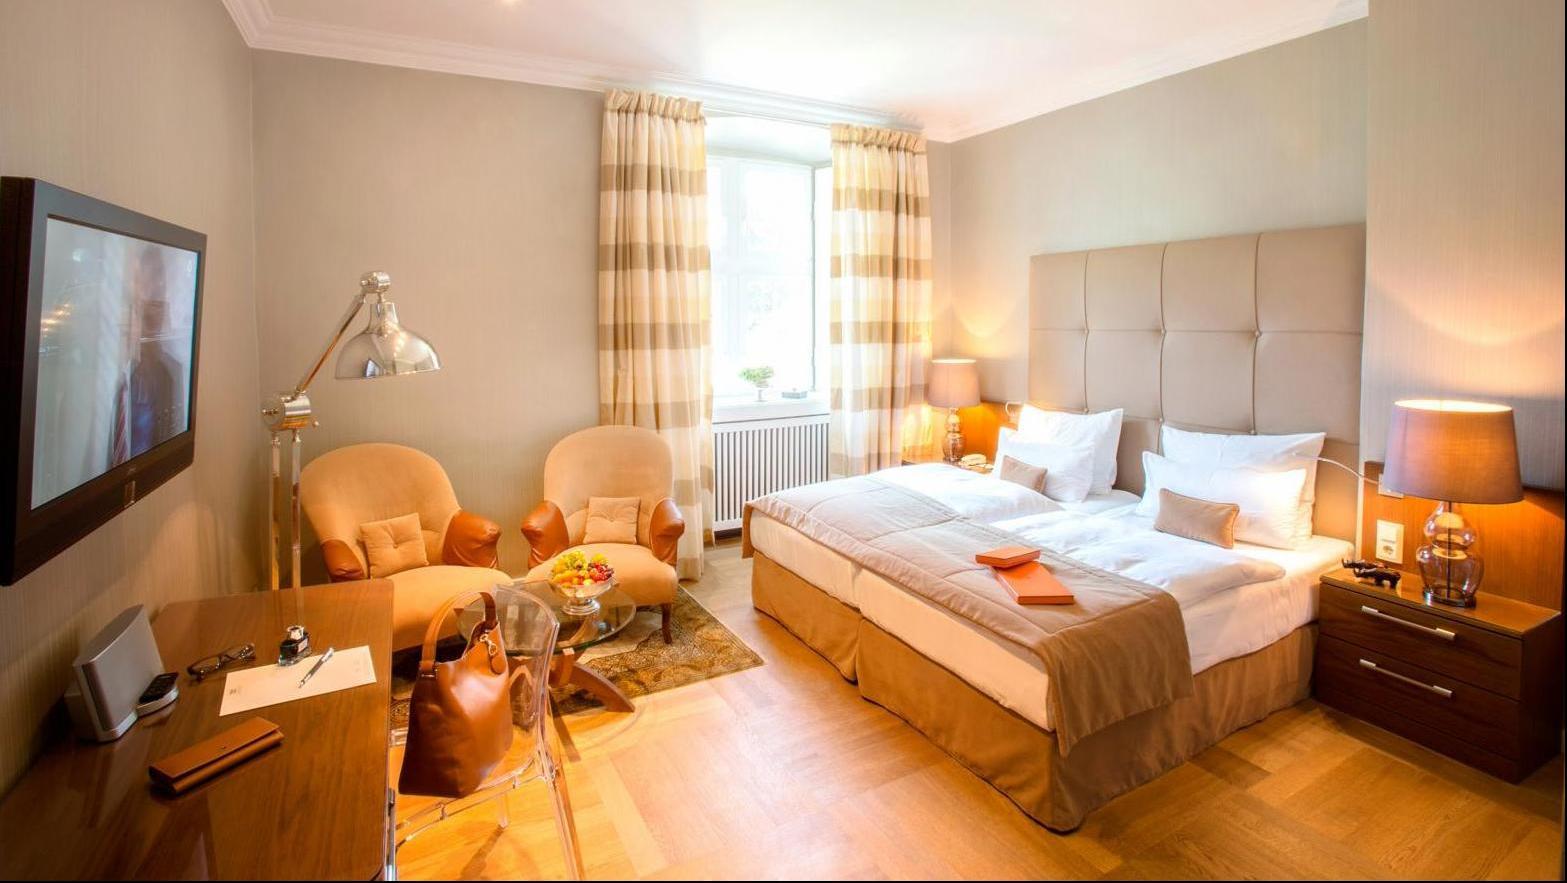 schlosshotel hugenpoet essen erleben sie die geschichte. Black Bedroom Furniture Sets. Home Design Ideas